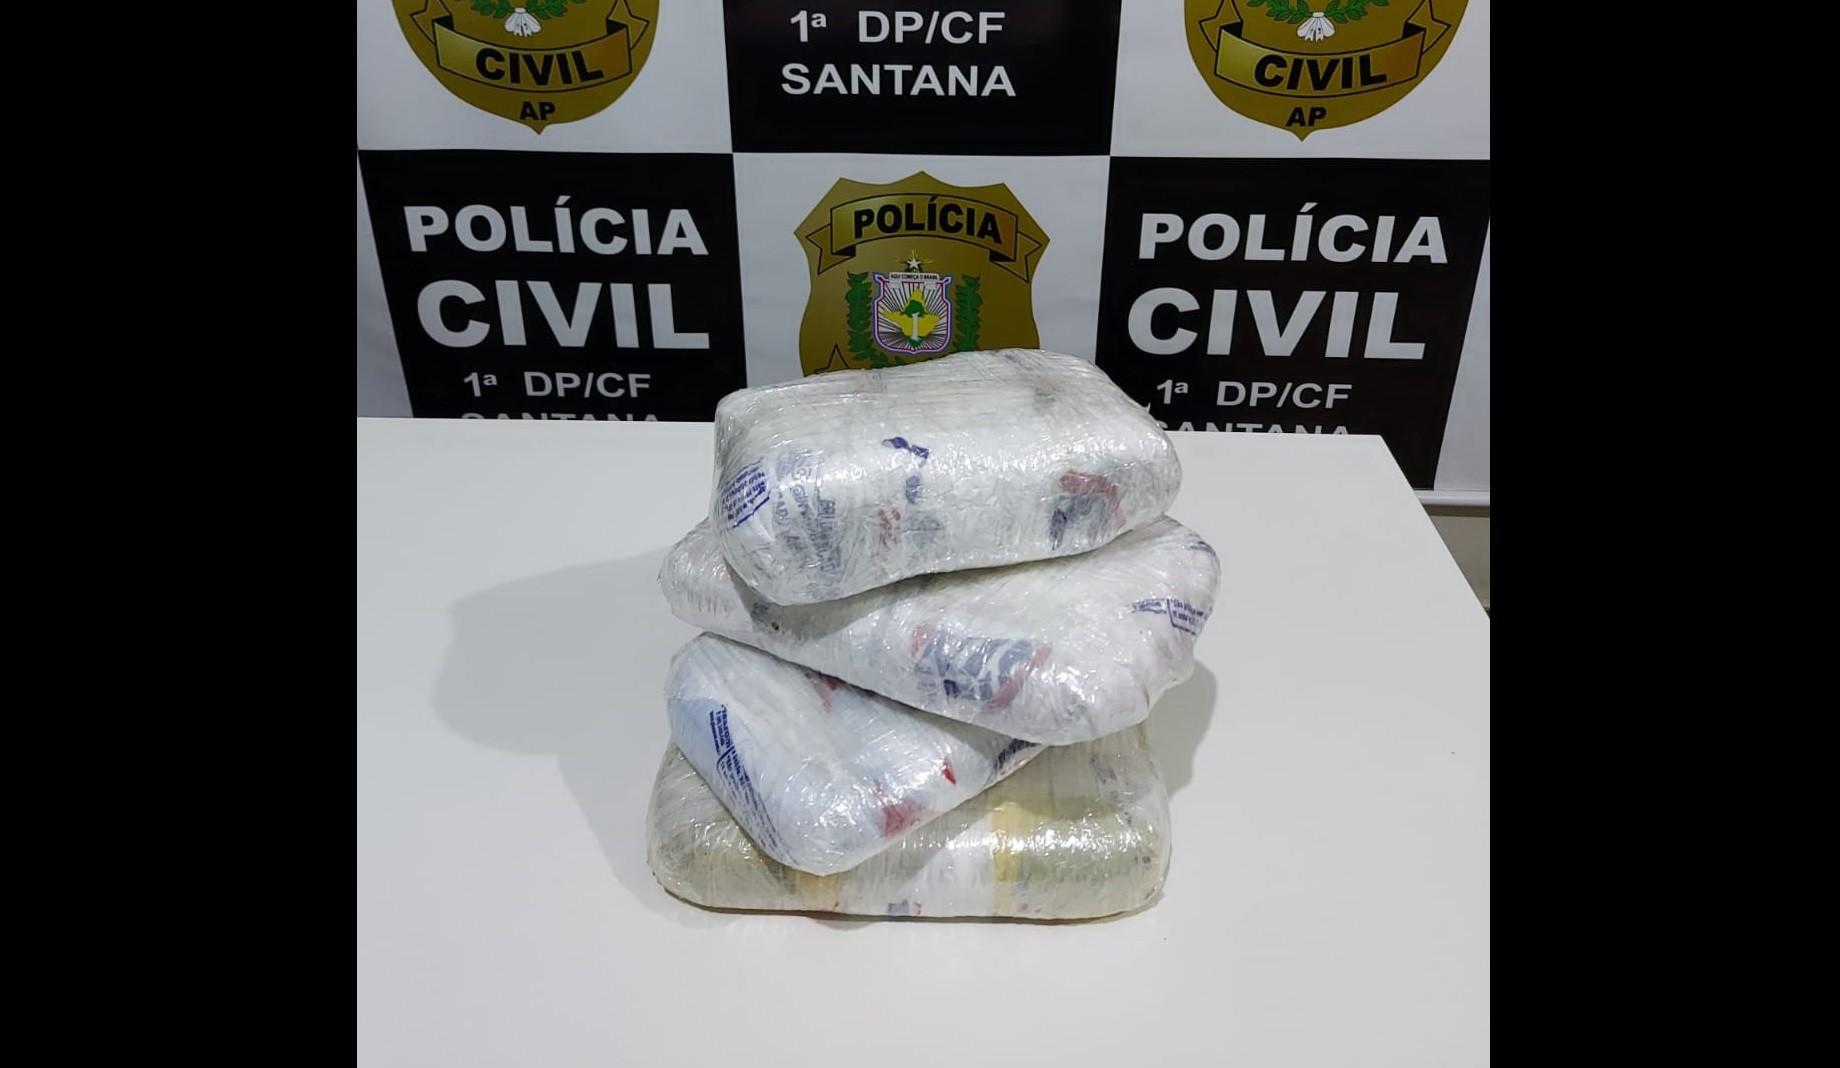 Acusado de homicídio é preso em flagrante com 4 quilos de crack em Santana, no Amapá